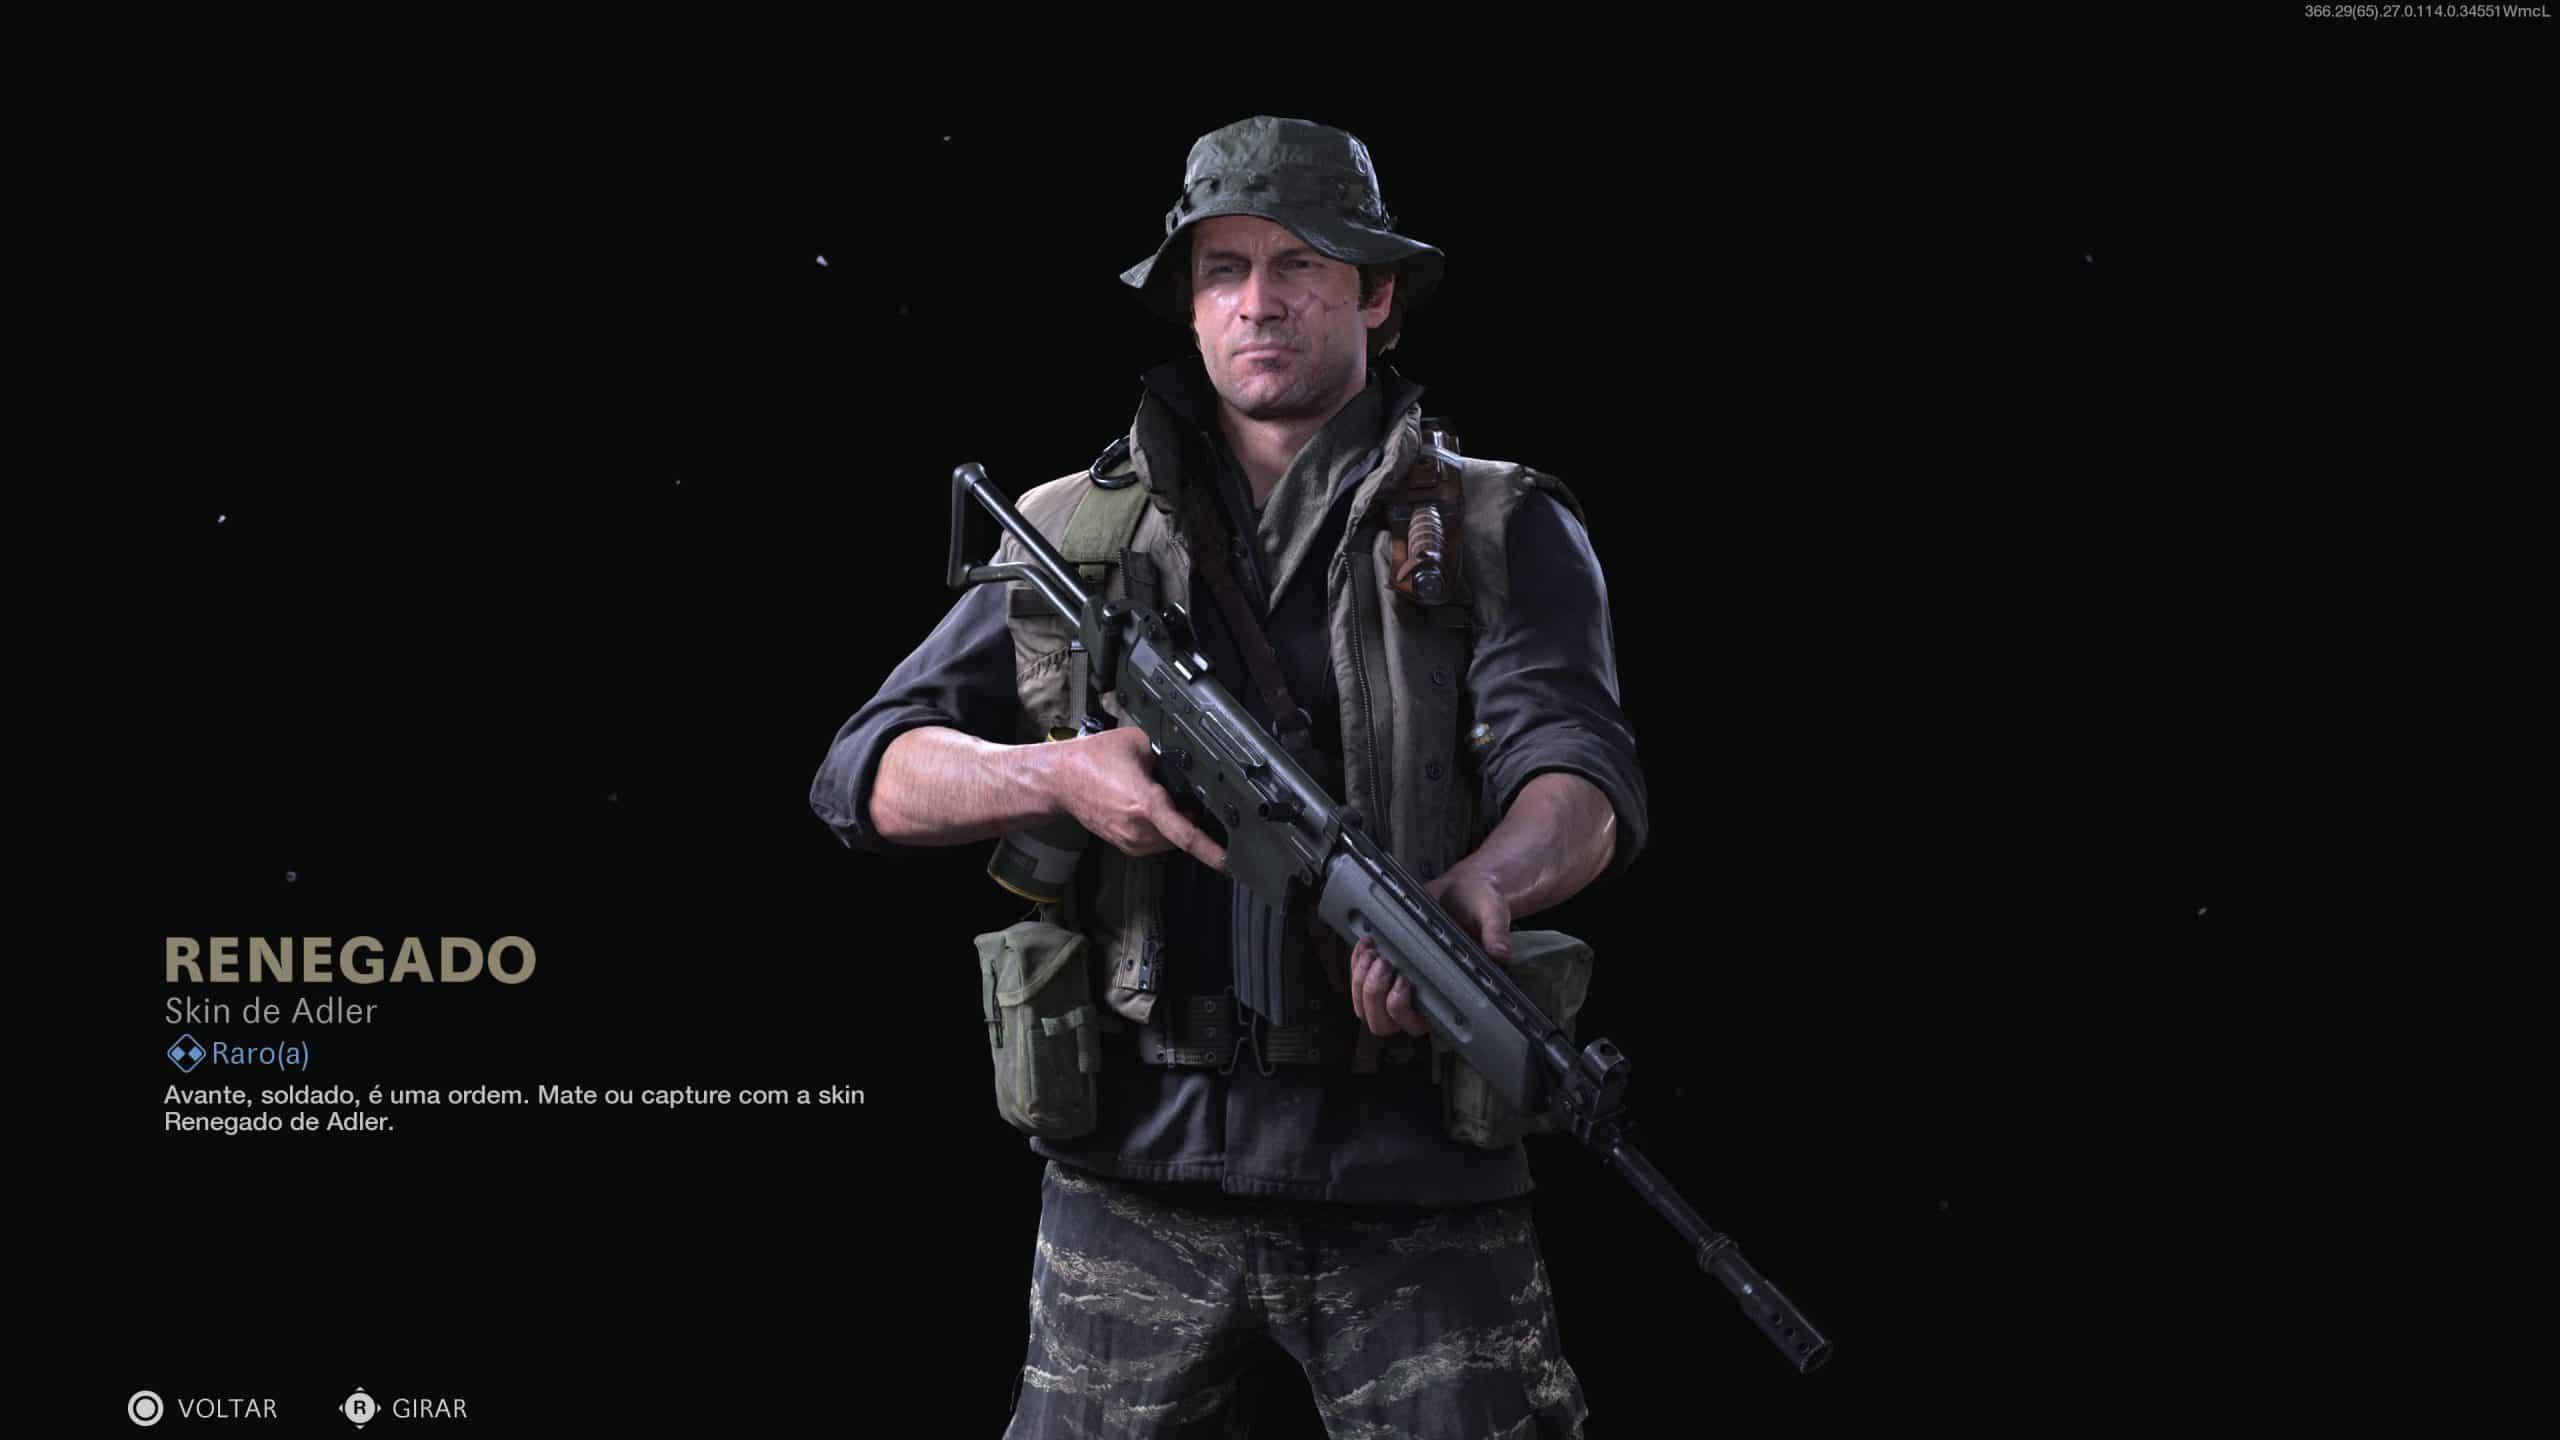 Operador Adler de Call of Duty com uma roupa escura e camuflada, segurando uma arma e de chapéu